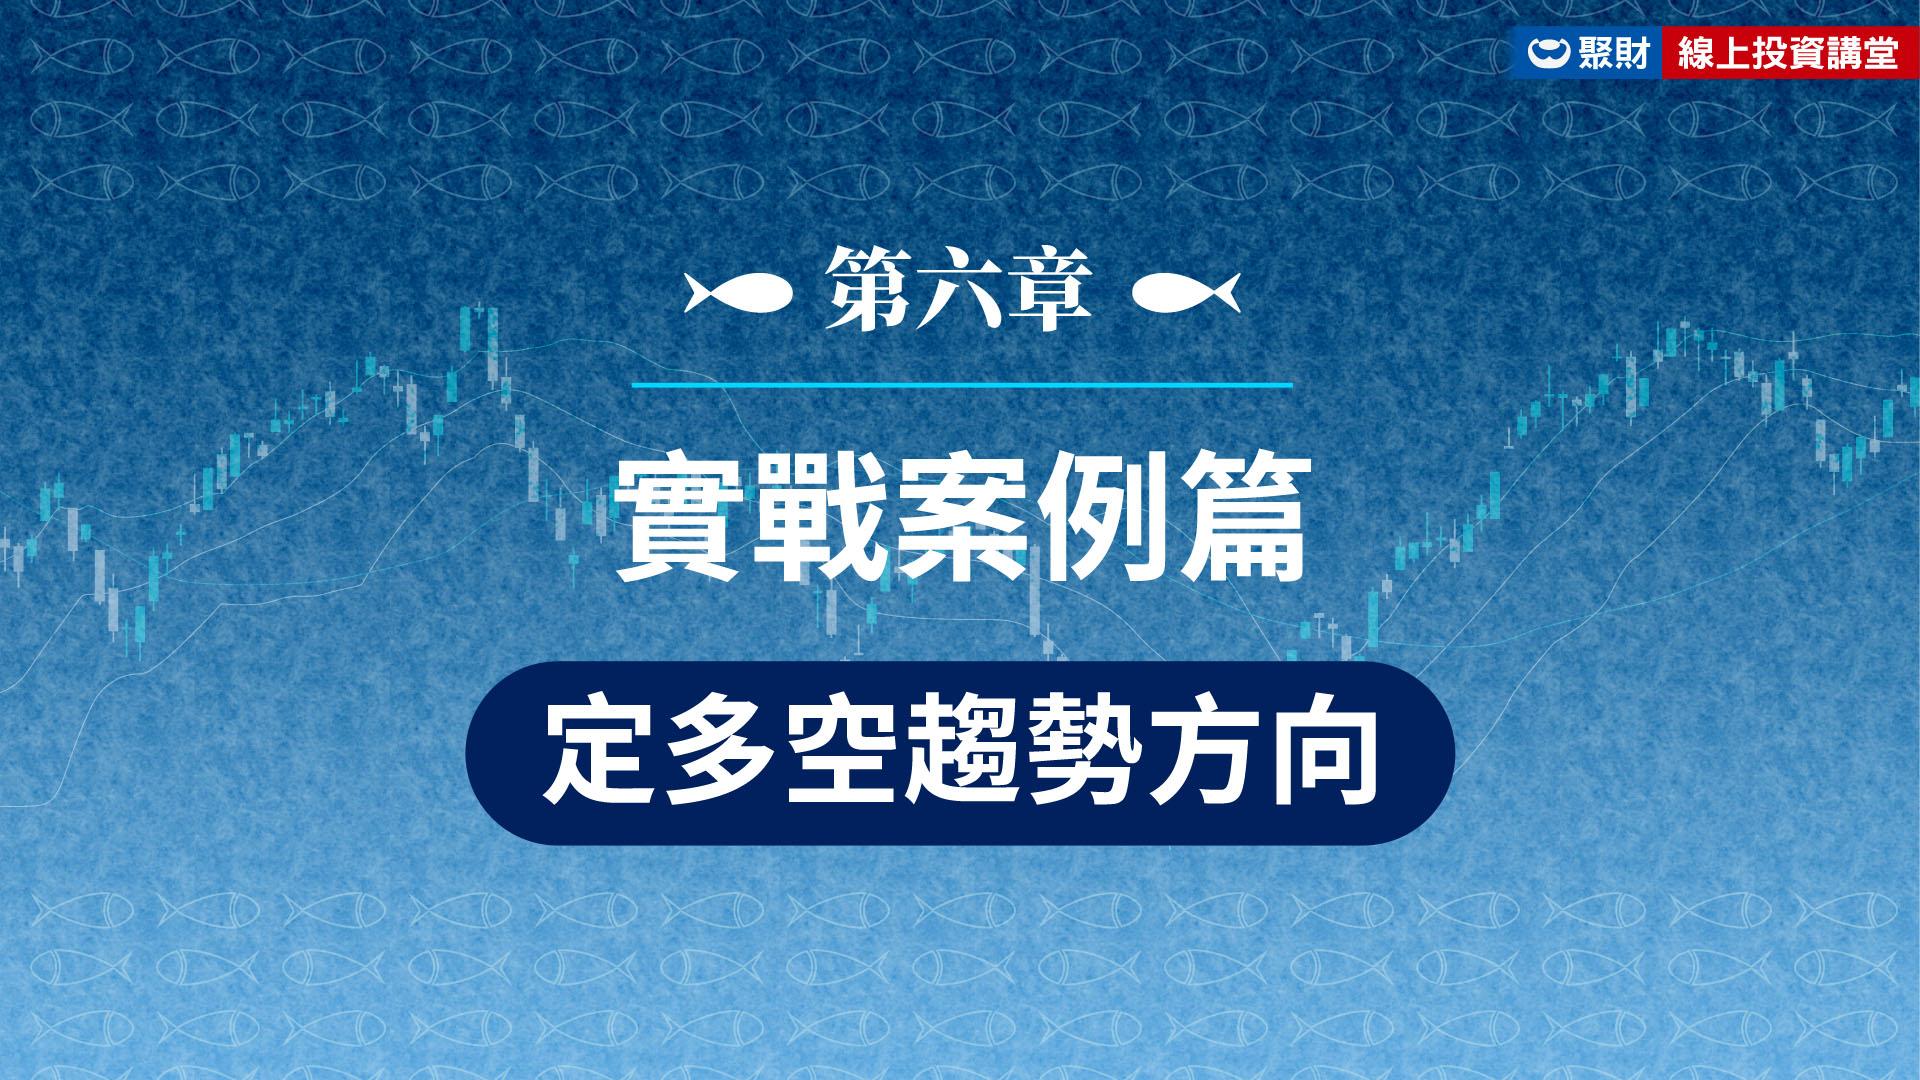 海龍王-第六章:實戰案例篇-定多空趨勢方向